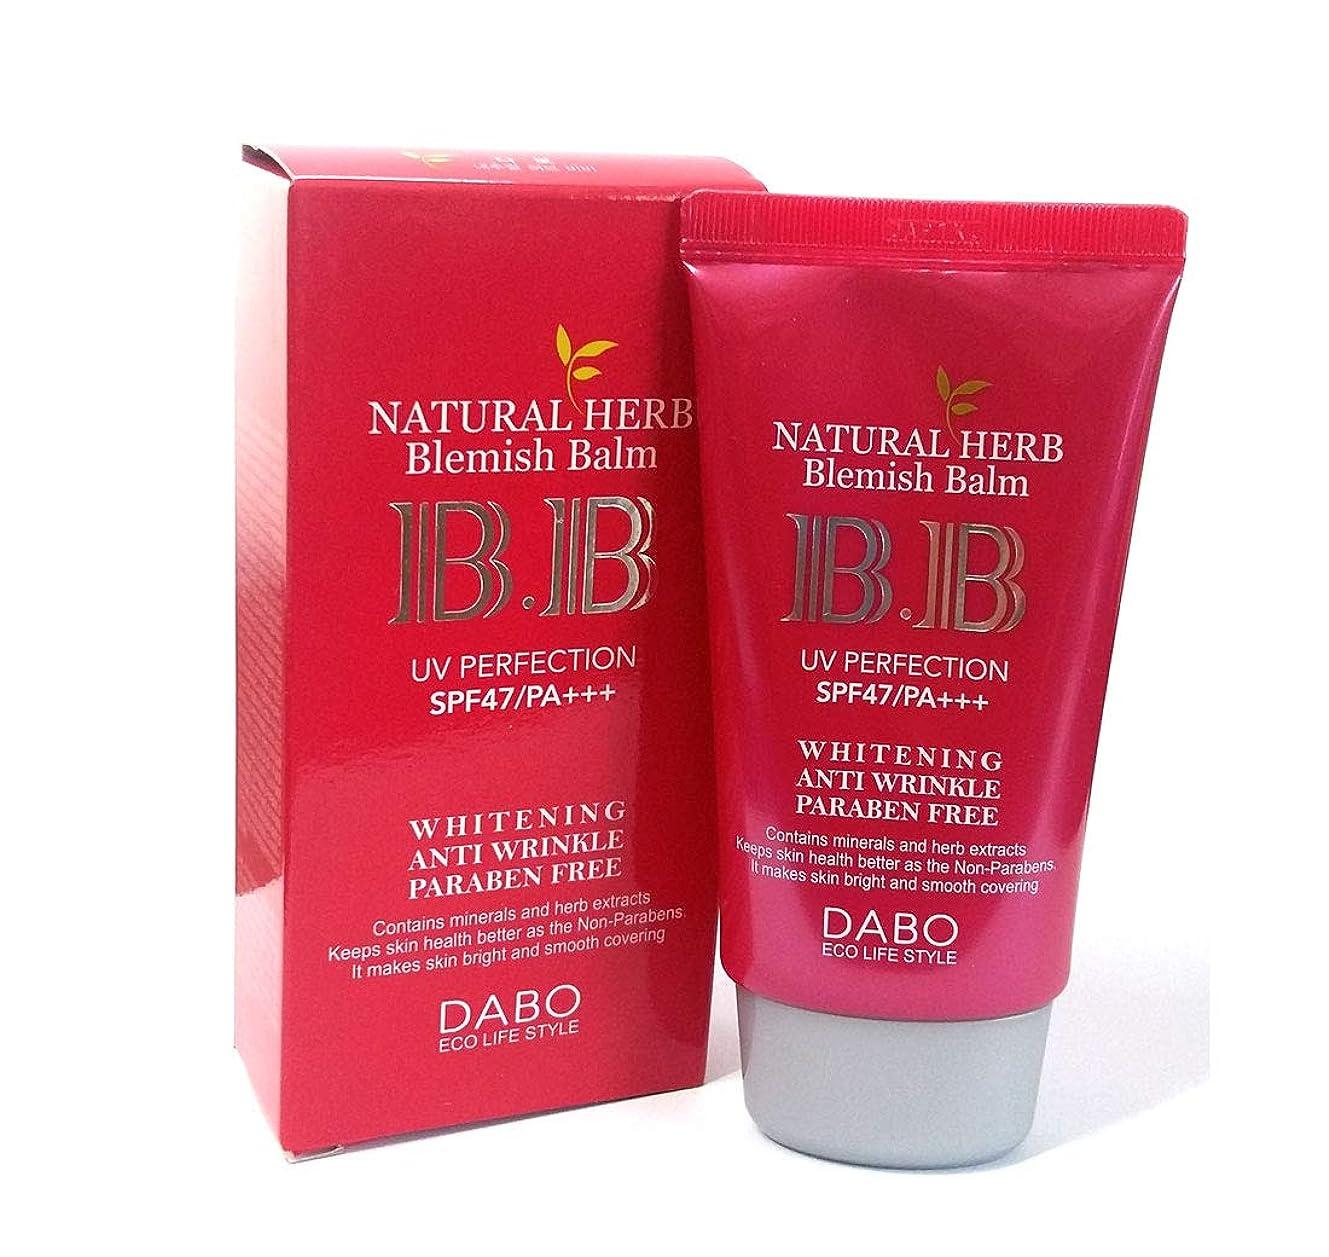 誘惑する集団的ブレーキ[DABO] ナチュラルハーブBBクリーム50ml / Natural Herb BB Cream 50ml /SPF47 PA +++ / ホワイトニング、UVプロテクト/韓国化粧品/Whitening, UV Protect/Korean Cosmetics [並行輸入品]